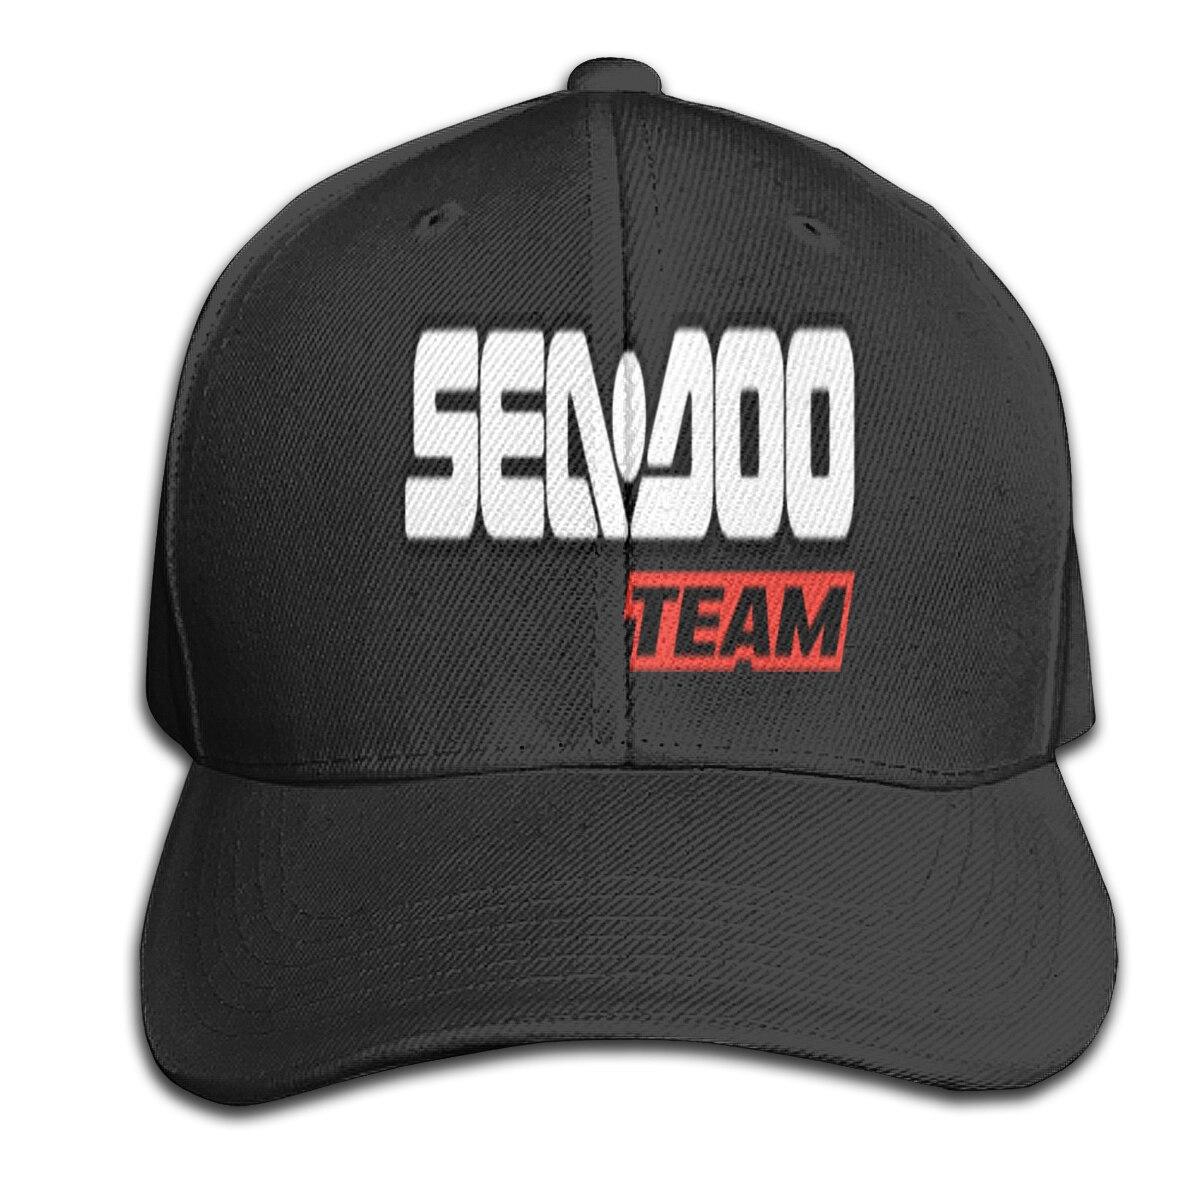 Sea Doo 1185 бейсболка кепка мужская кепка Женская Мужская кепка Кепка поло мужские кепки Женская Мужская кепка 2021